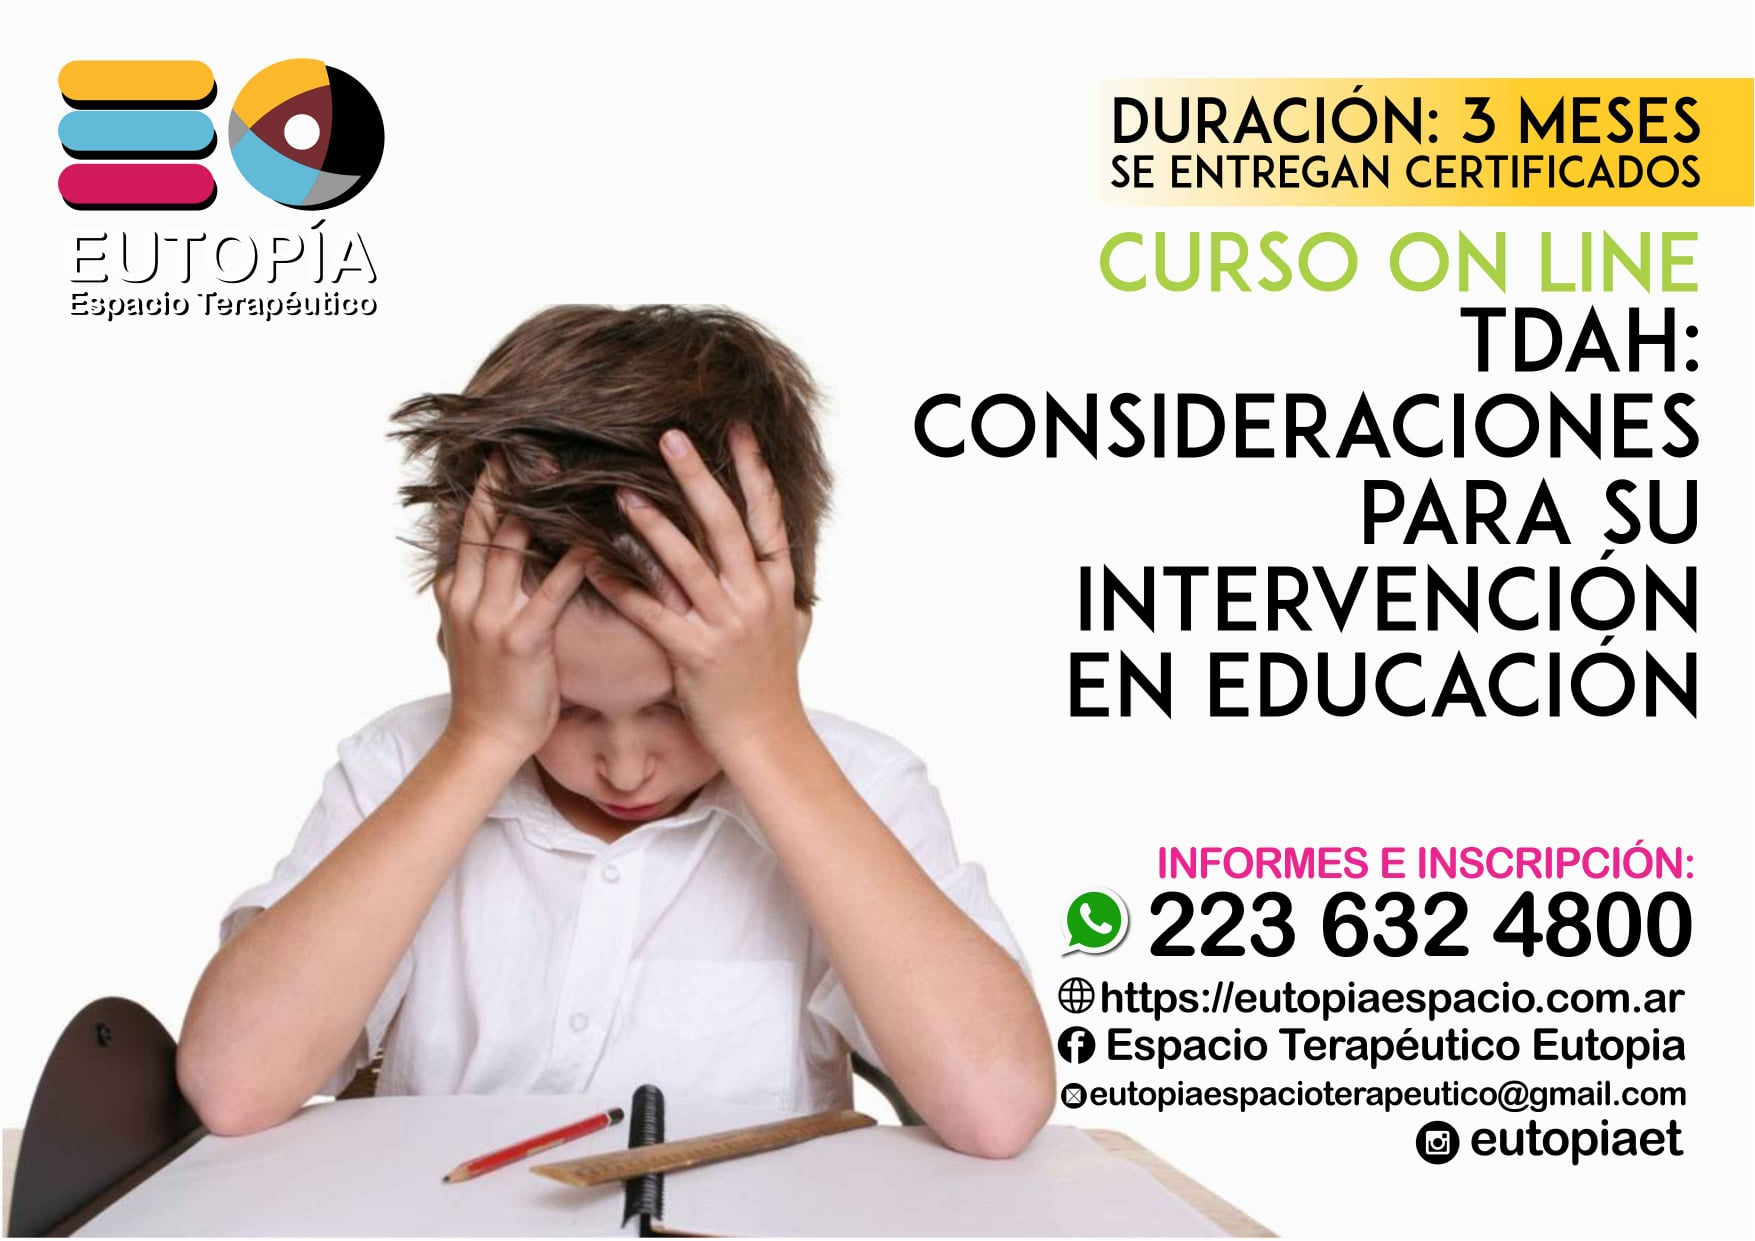 TDAH: Consideraciones para la intervención educativa